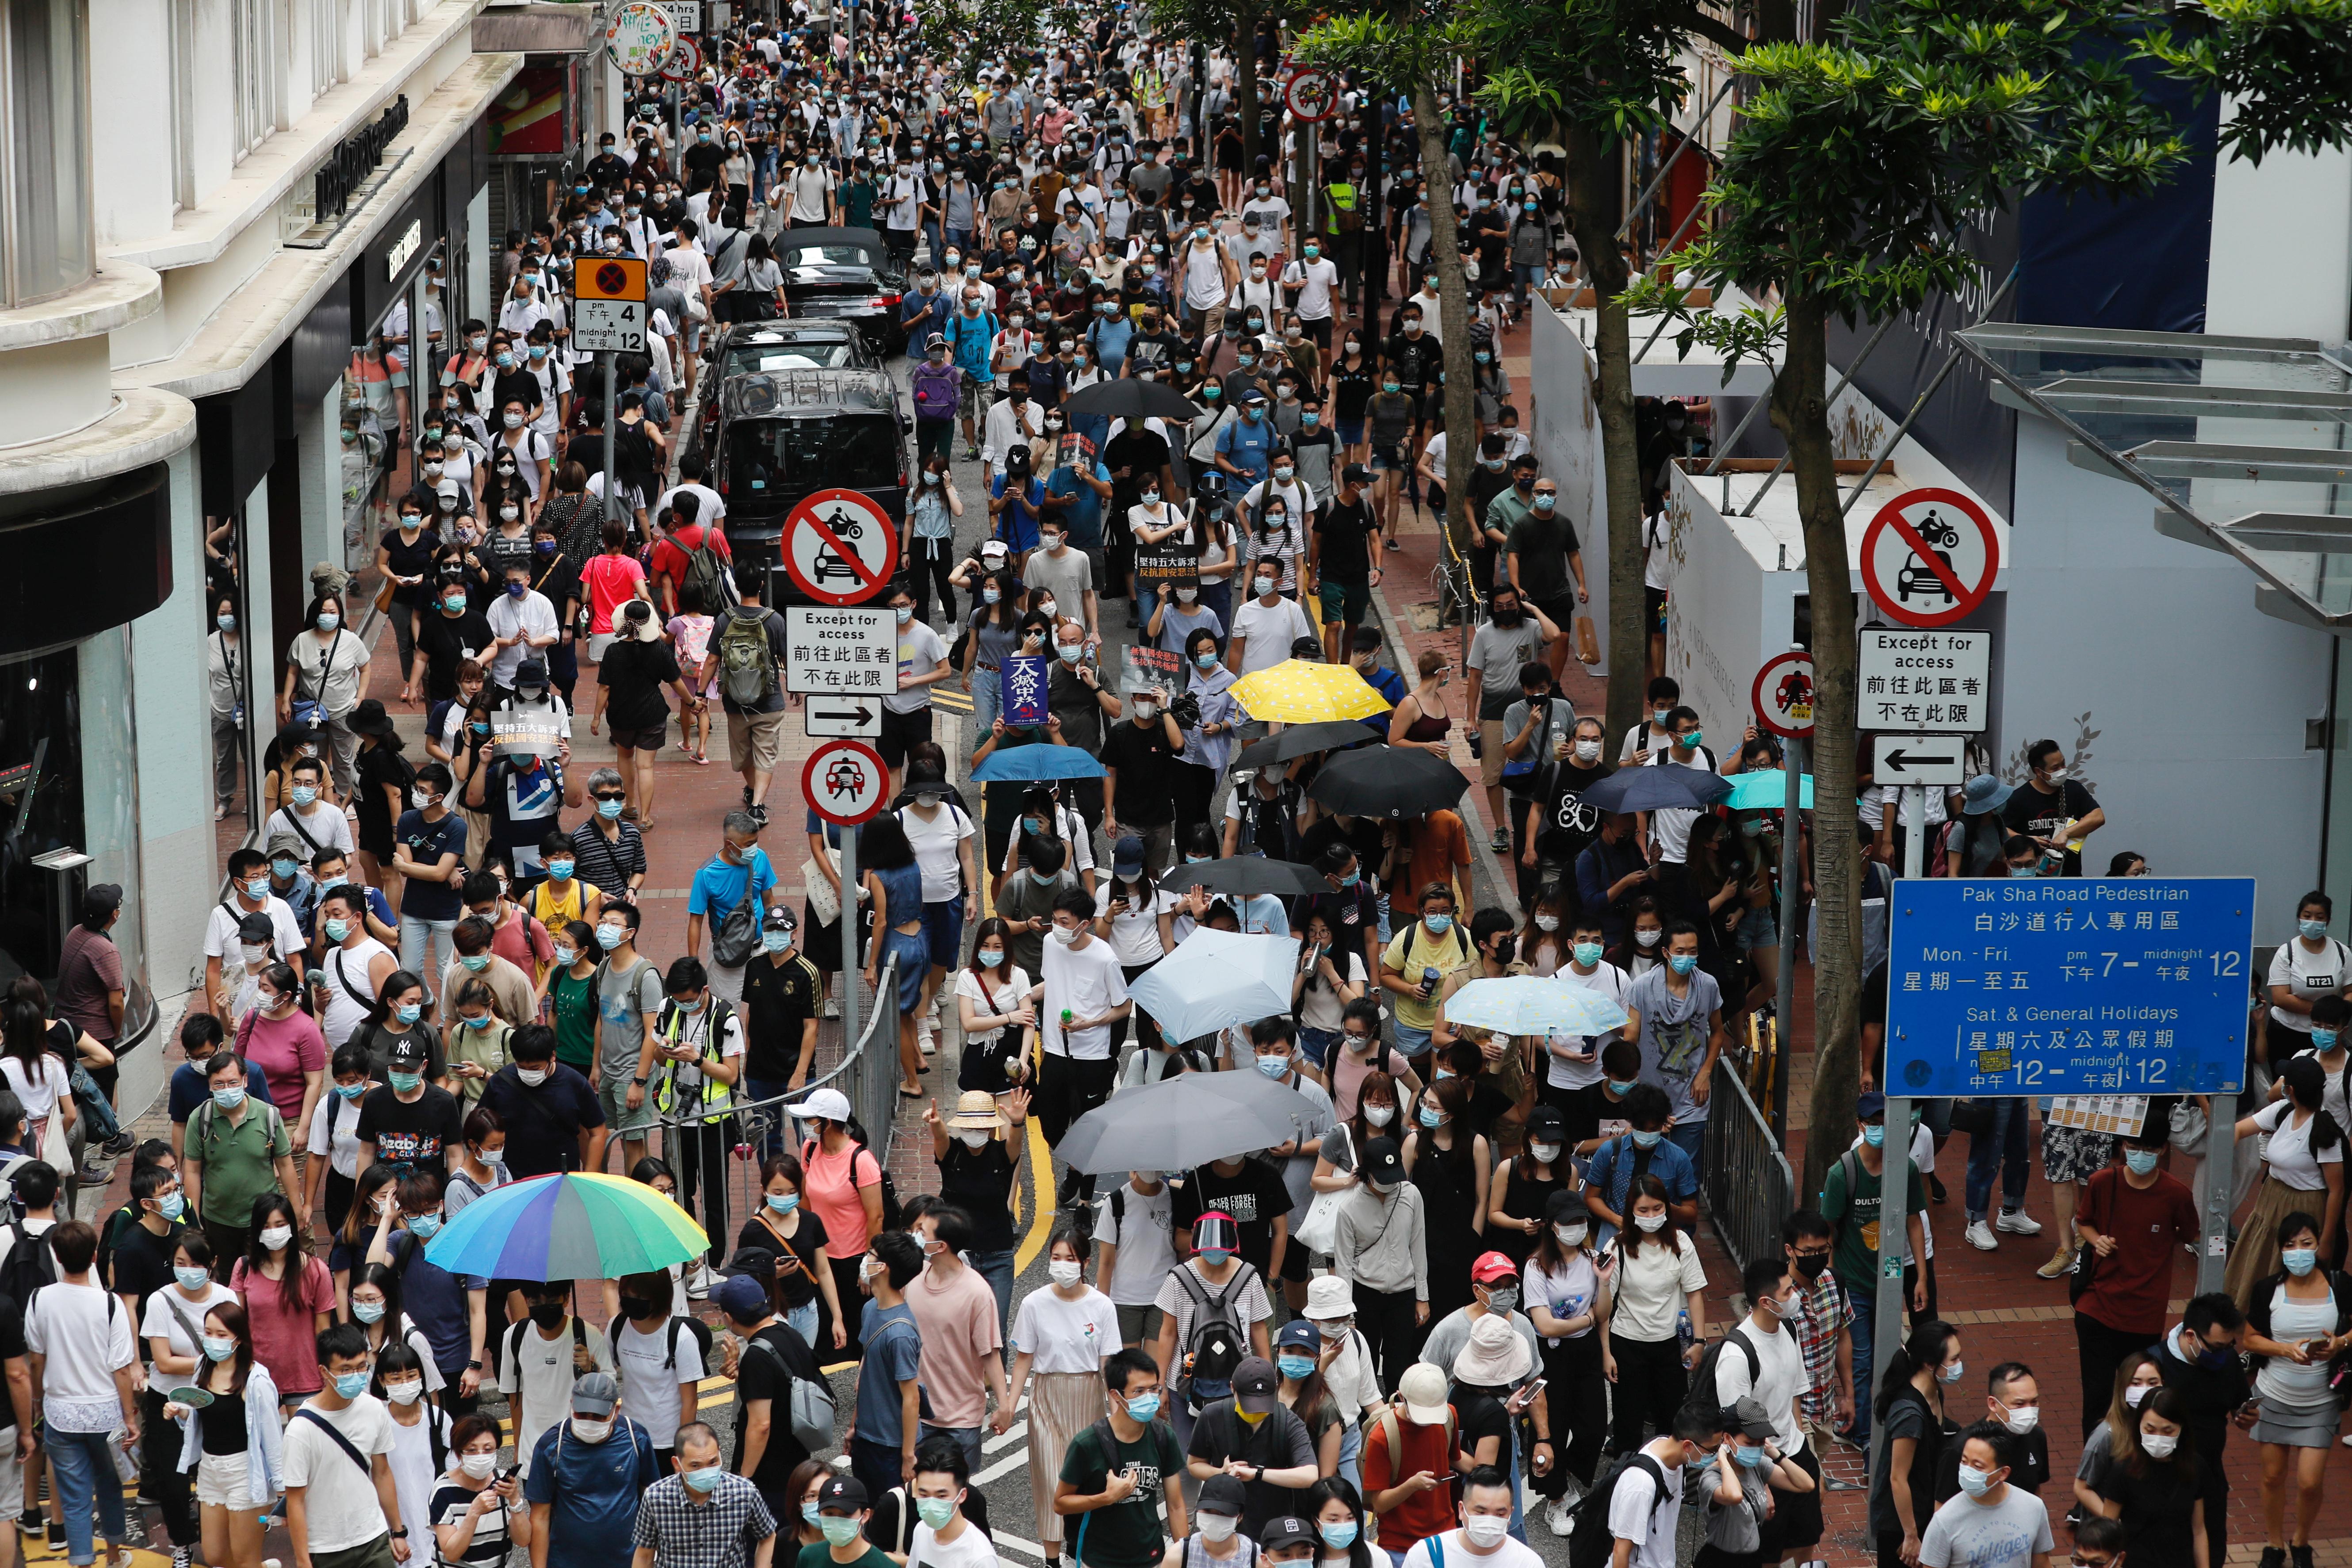 Pese a la numerosa presencia policial y a que las principales calles fueron acordonadas, muchos manifestantes desoyeron la orden policial y salieron a protestar, tal y como habían solicitado usuarios de los foros en internet del movimiento prodemocrático hongkonés